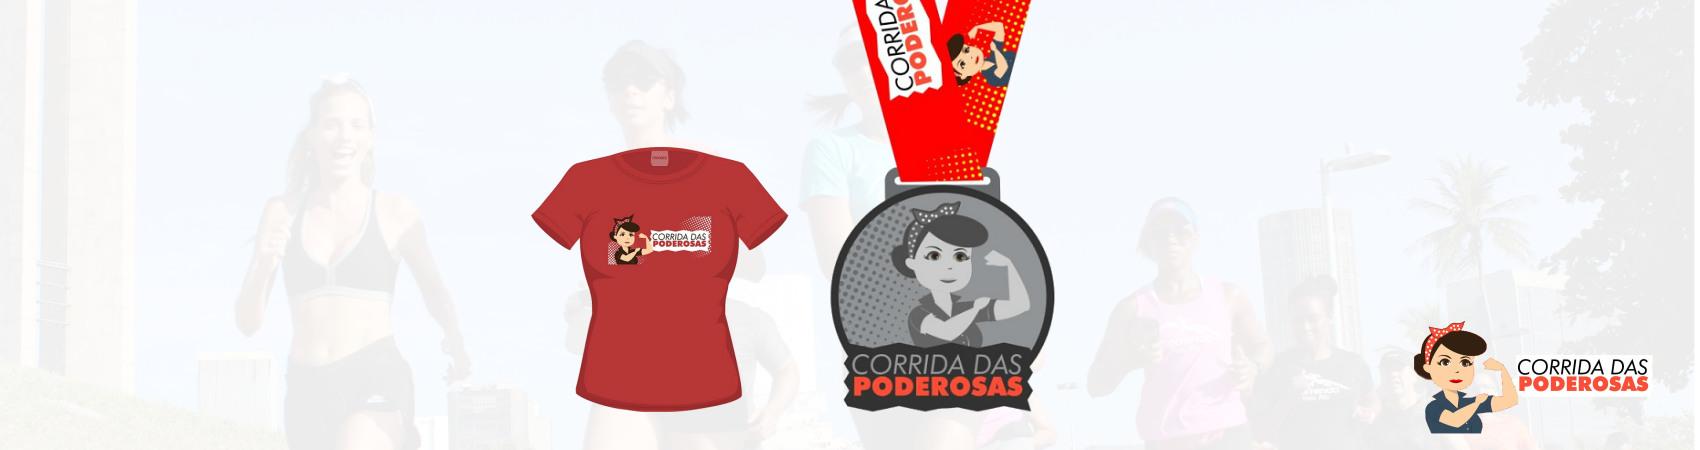 CORRIDA DAS PODEROSAS